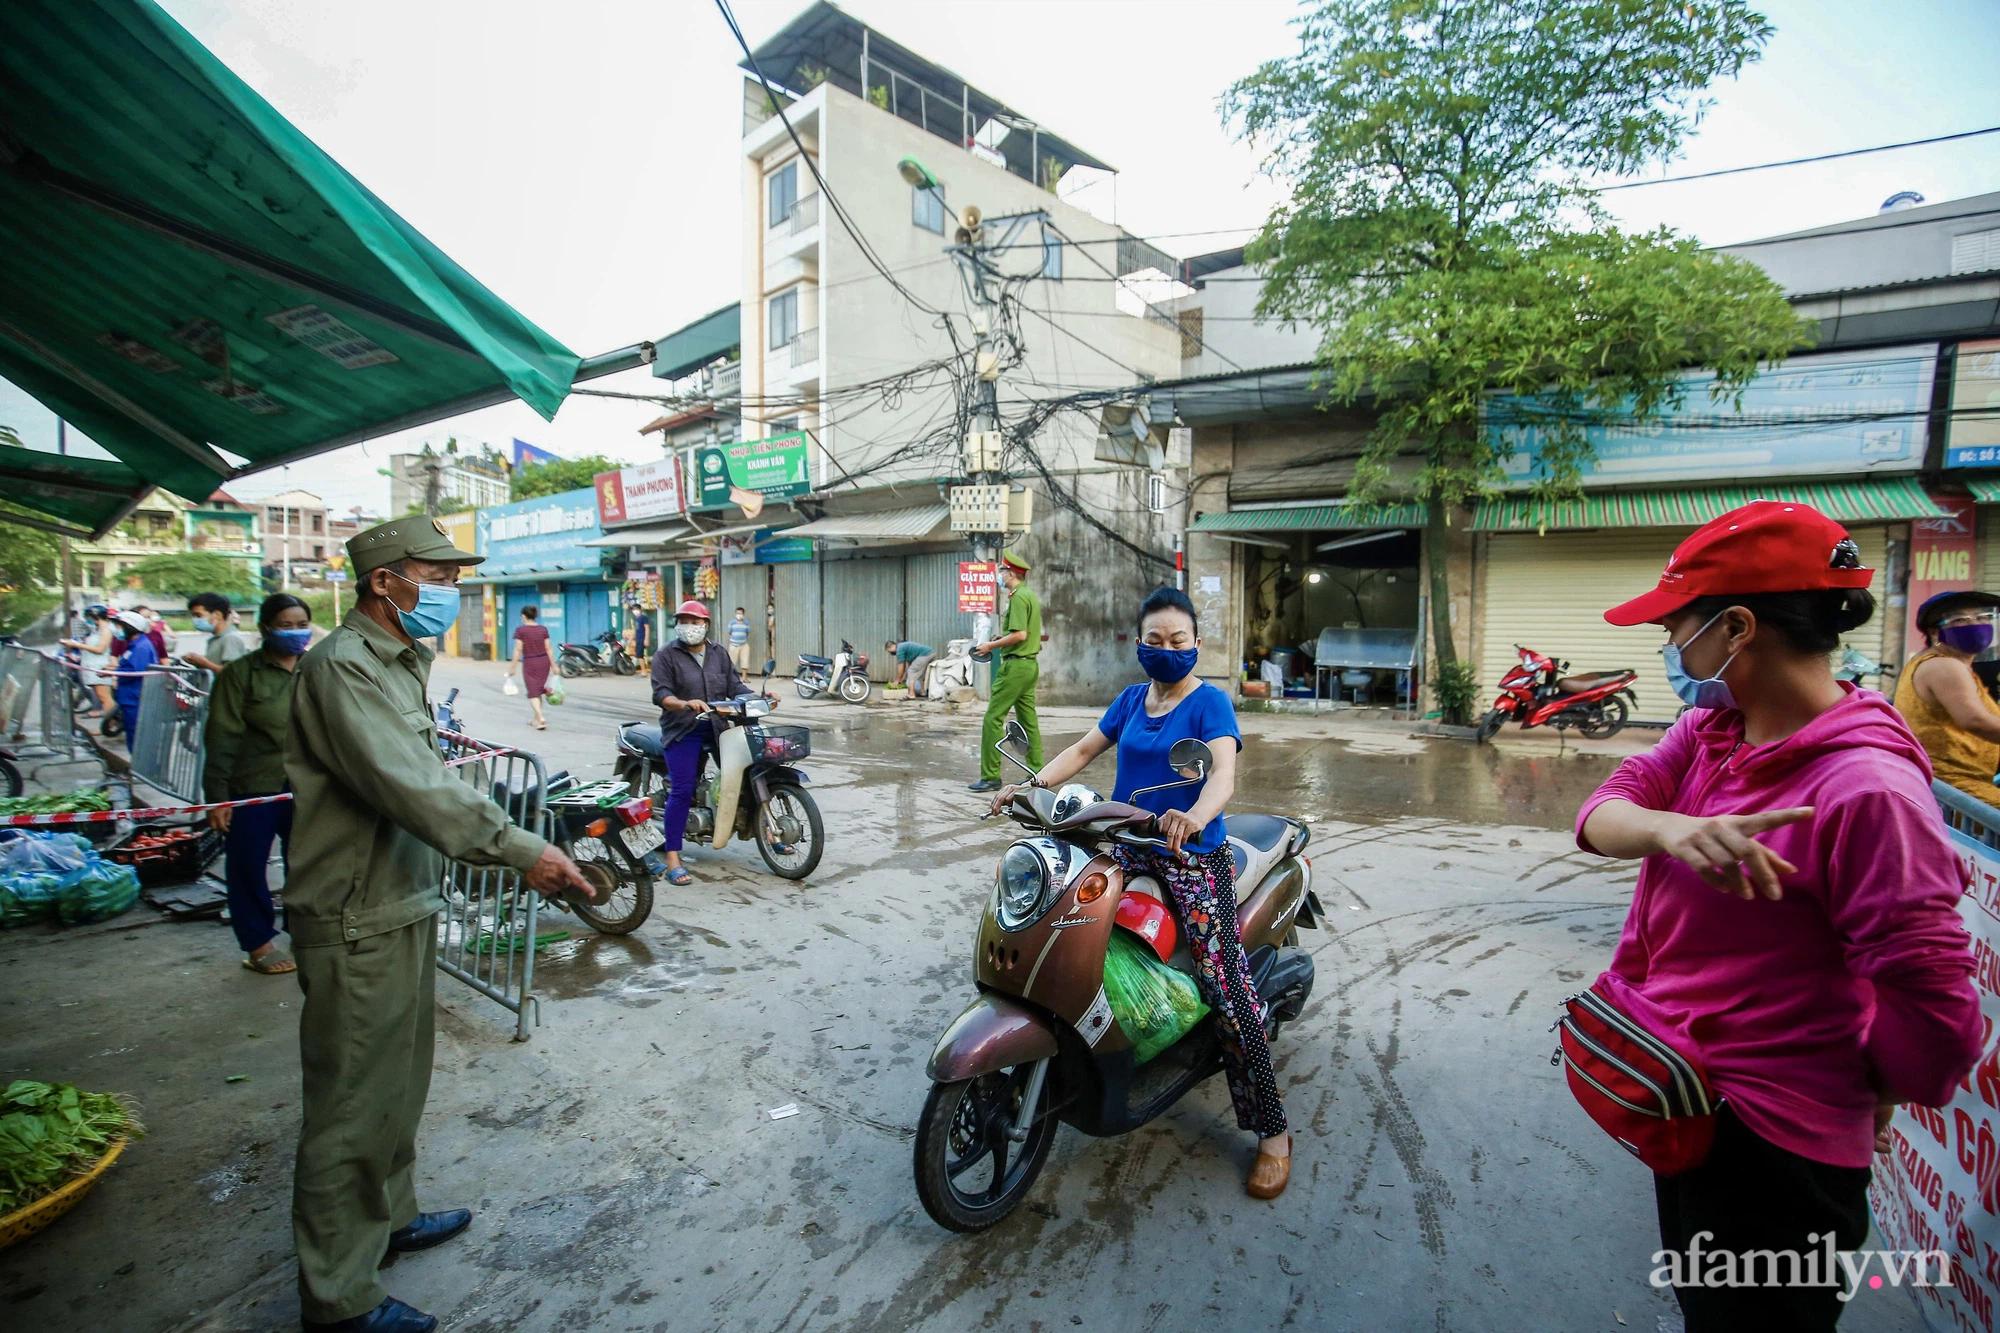 Ngày đầu tiên bắt đầu phát phiếu đi chợ, người Hà Nội đi theo ngày chẵn, ngày lẻ - Ảnh 4.